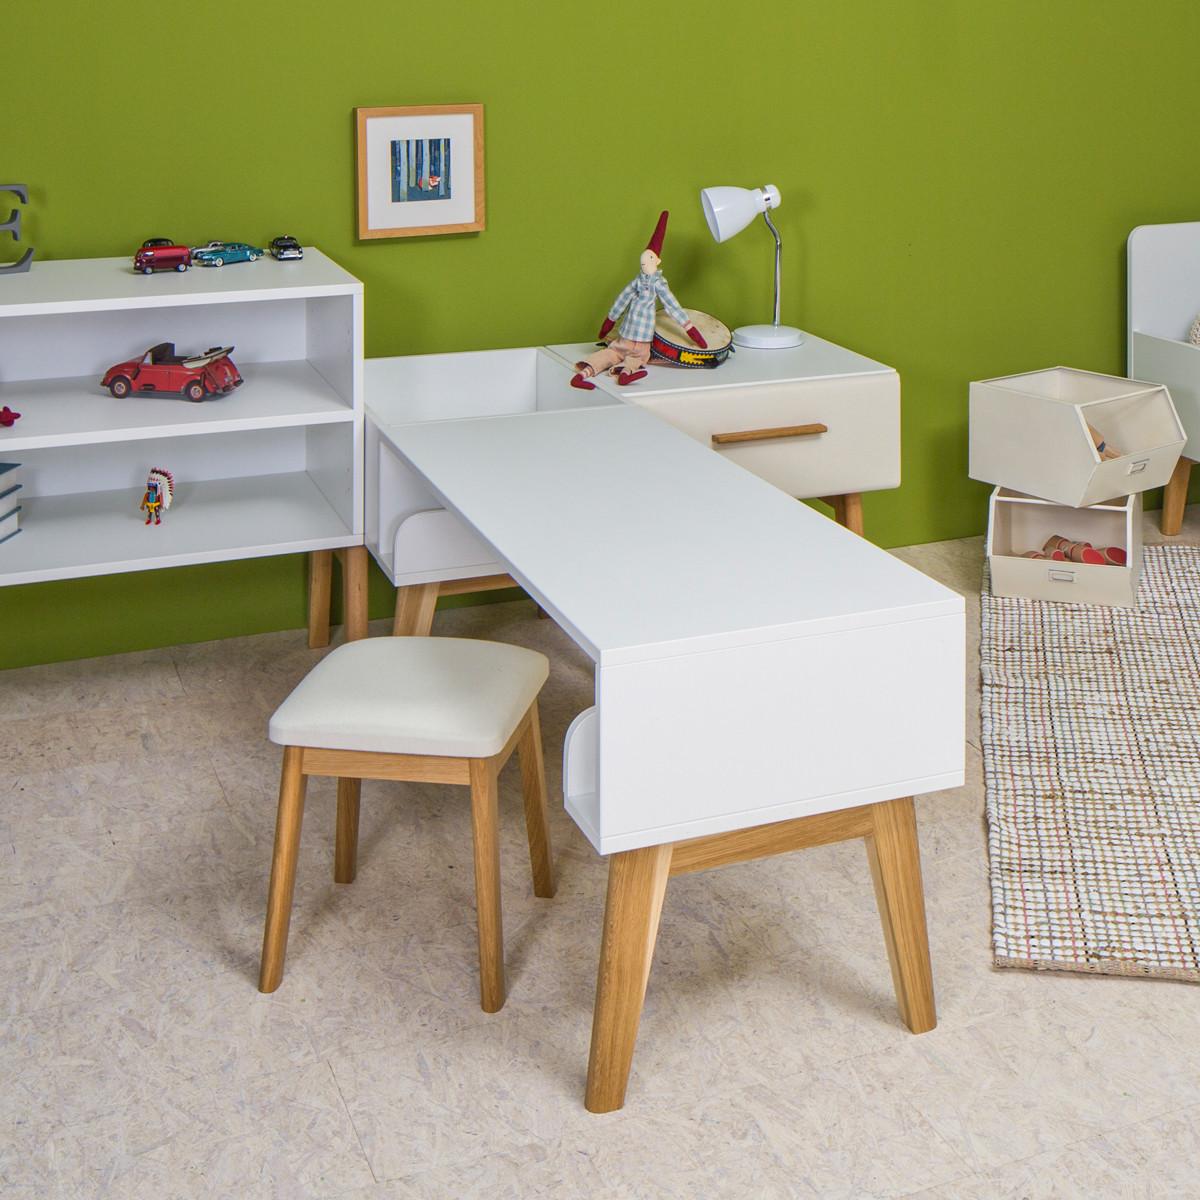 nachttisch von de breuyn. Black Bedroom Furniture Sets. Home Design Ideas